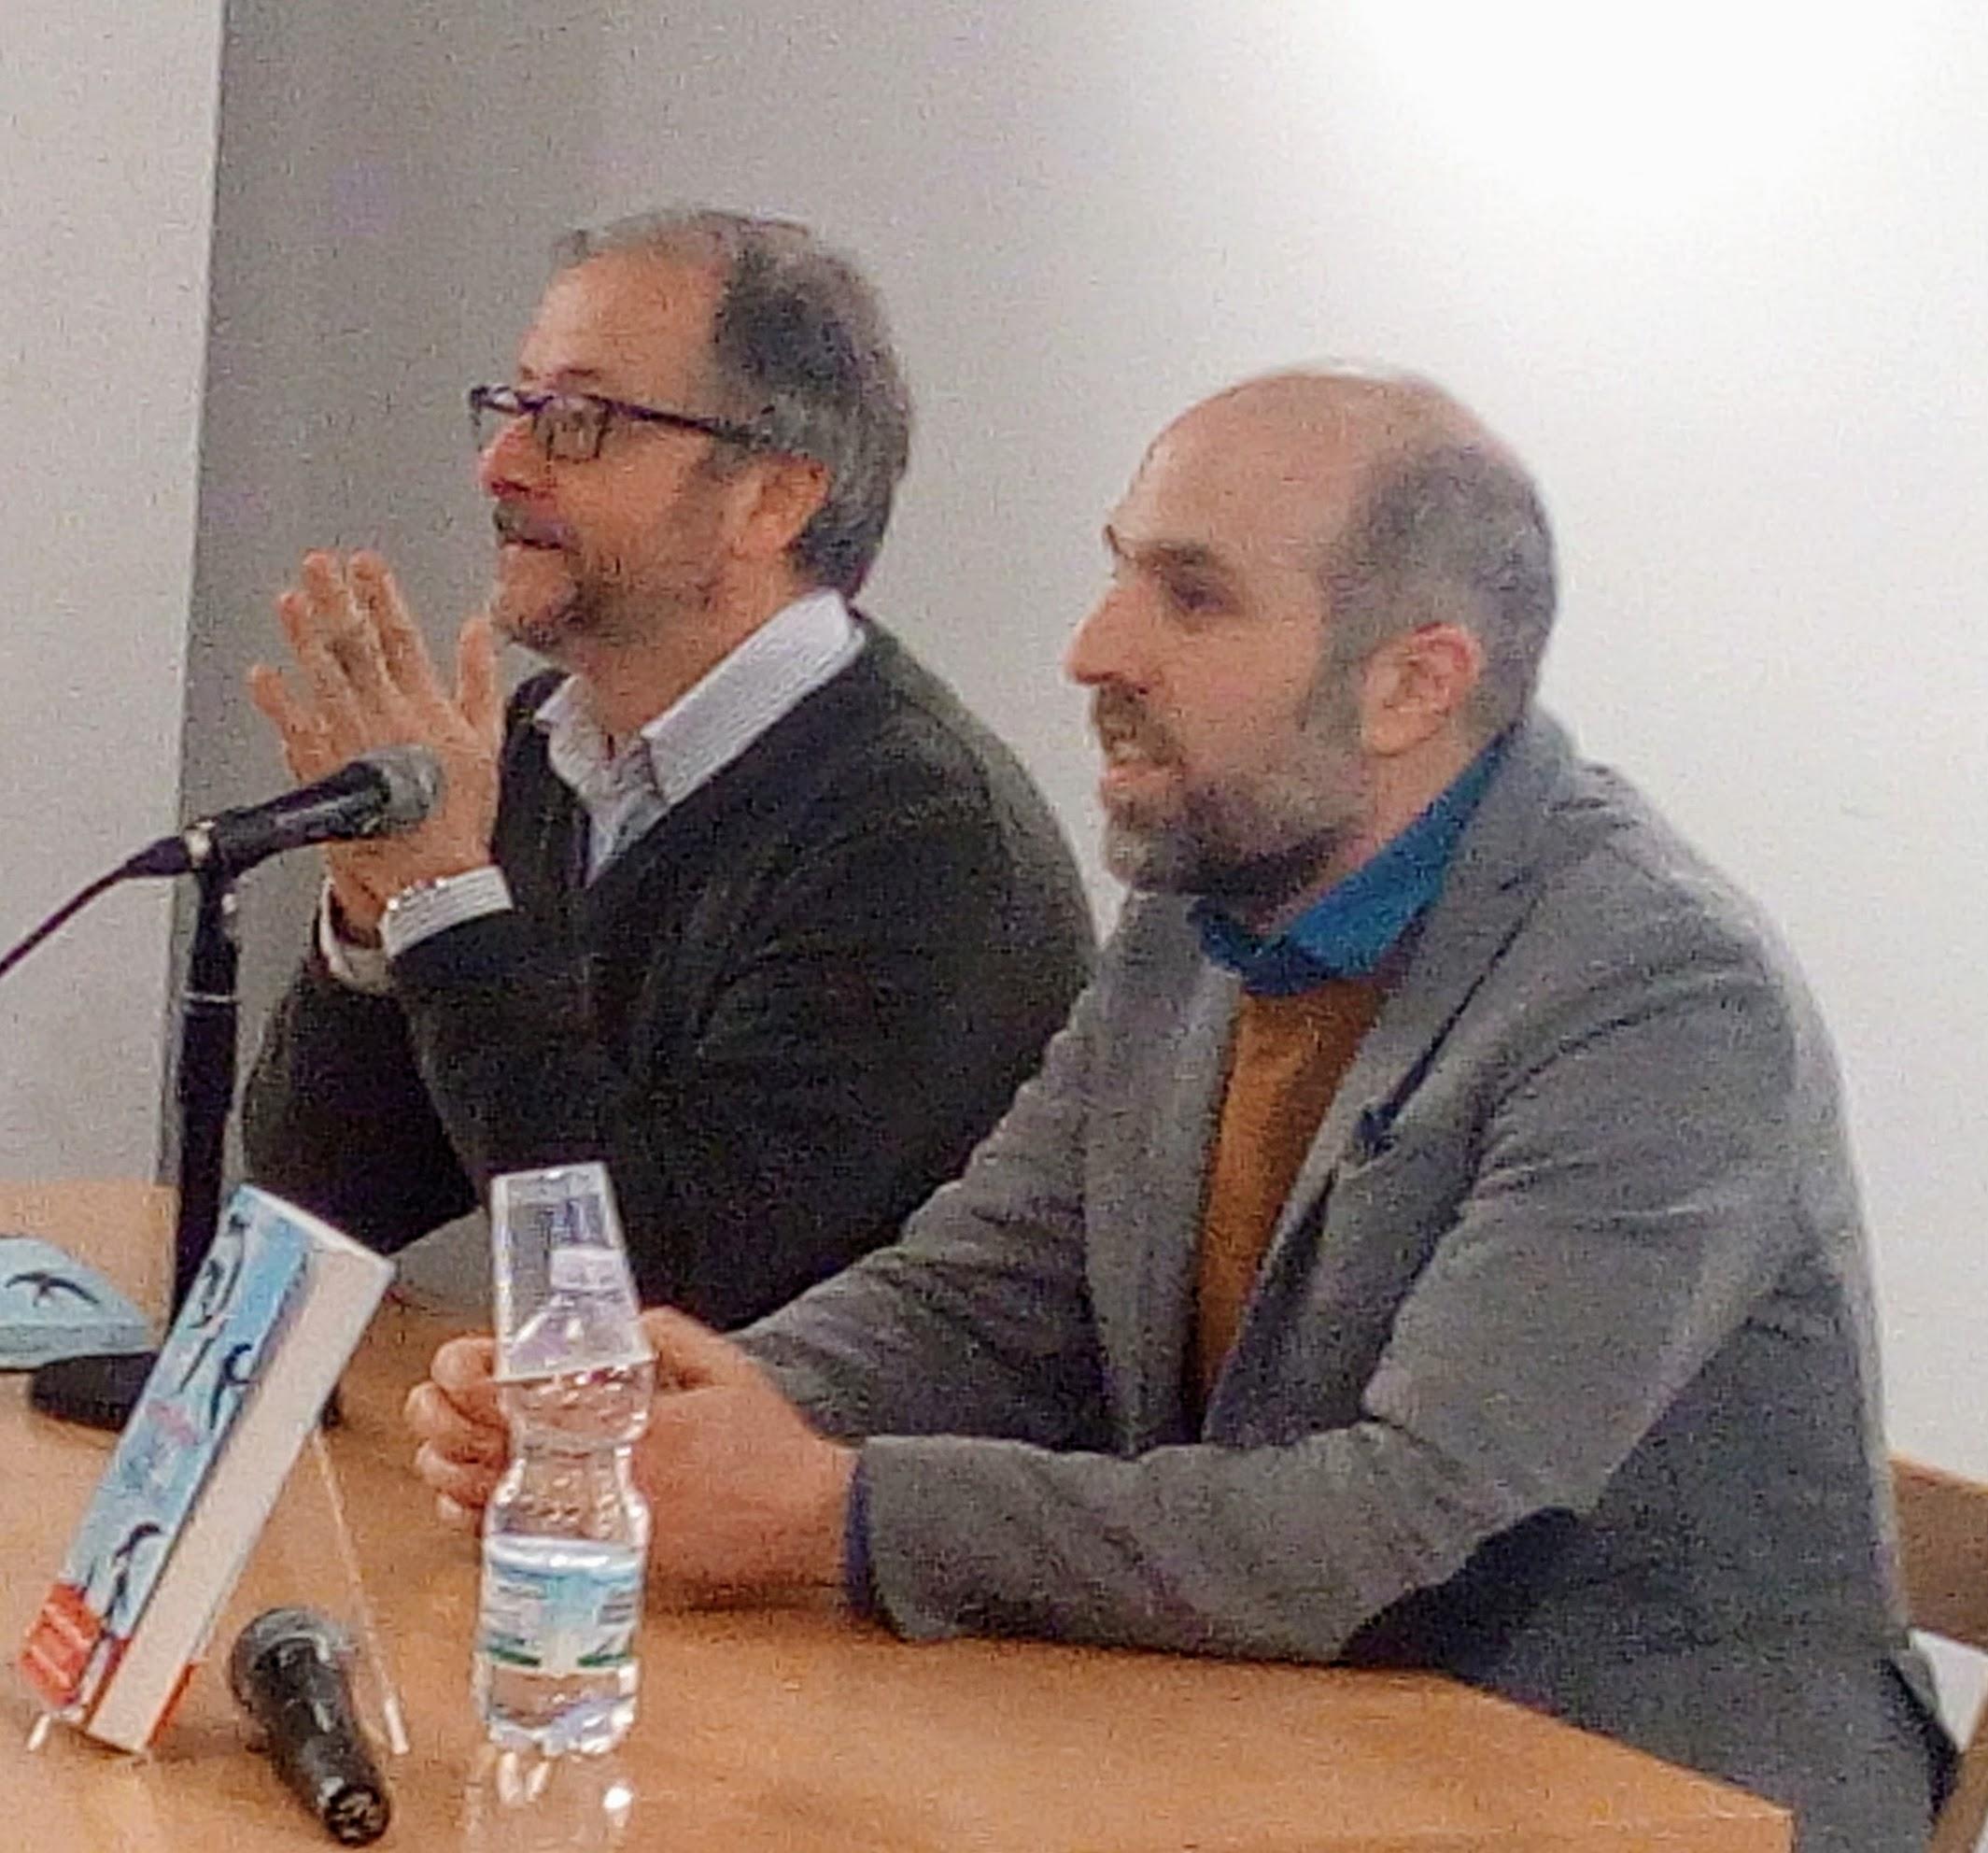 """Lorenzo Marone e Diego De SIlva alla Feltrinelli di Napoli per presentare """"Domani magari resto"""", il nuovo libro di Marone"""